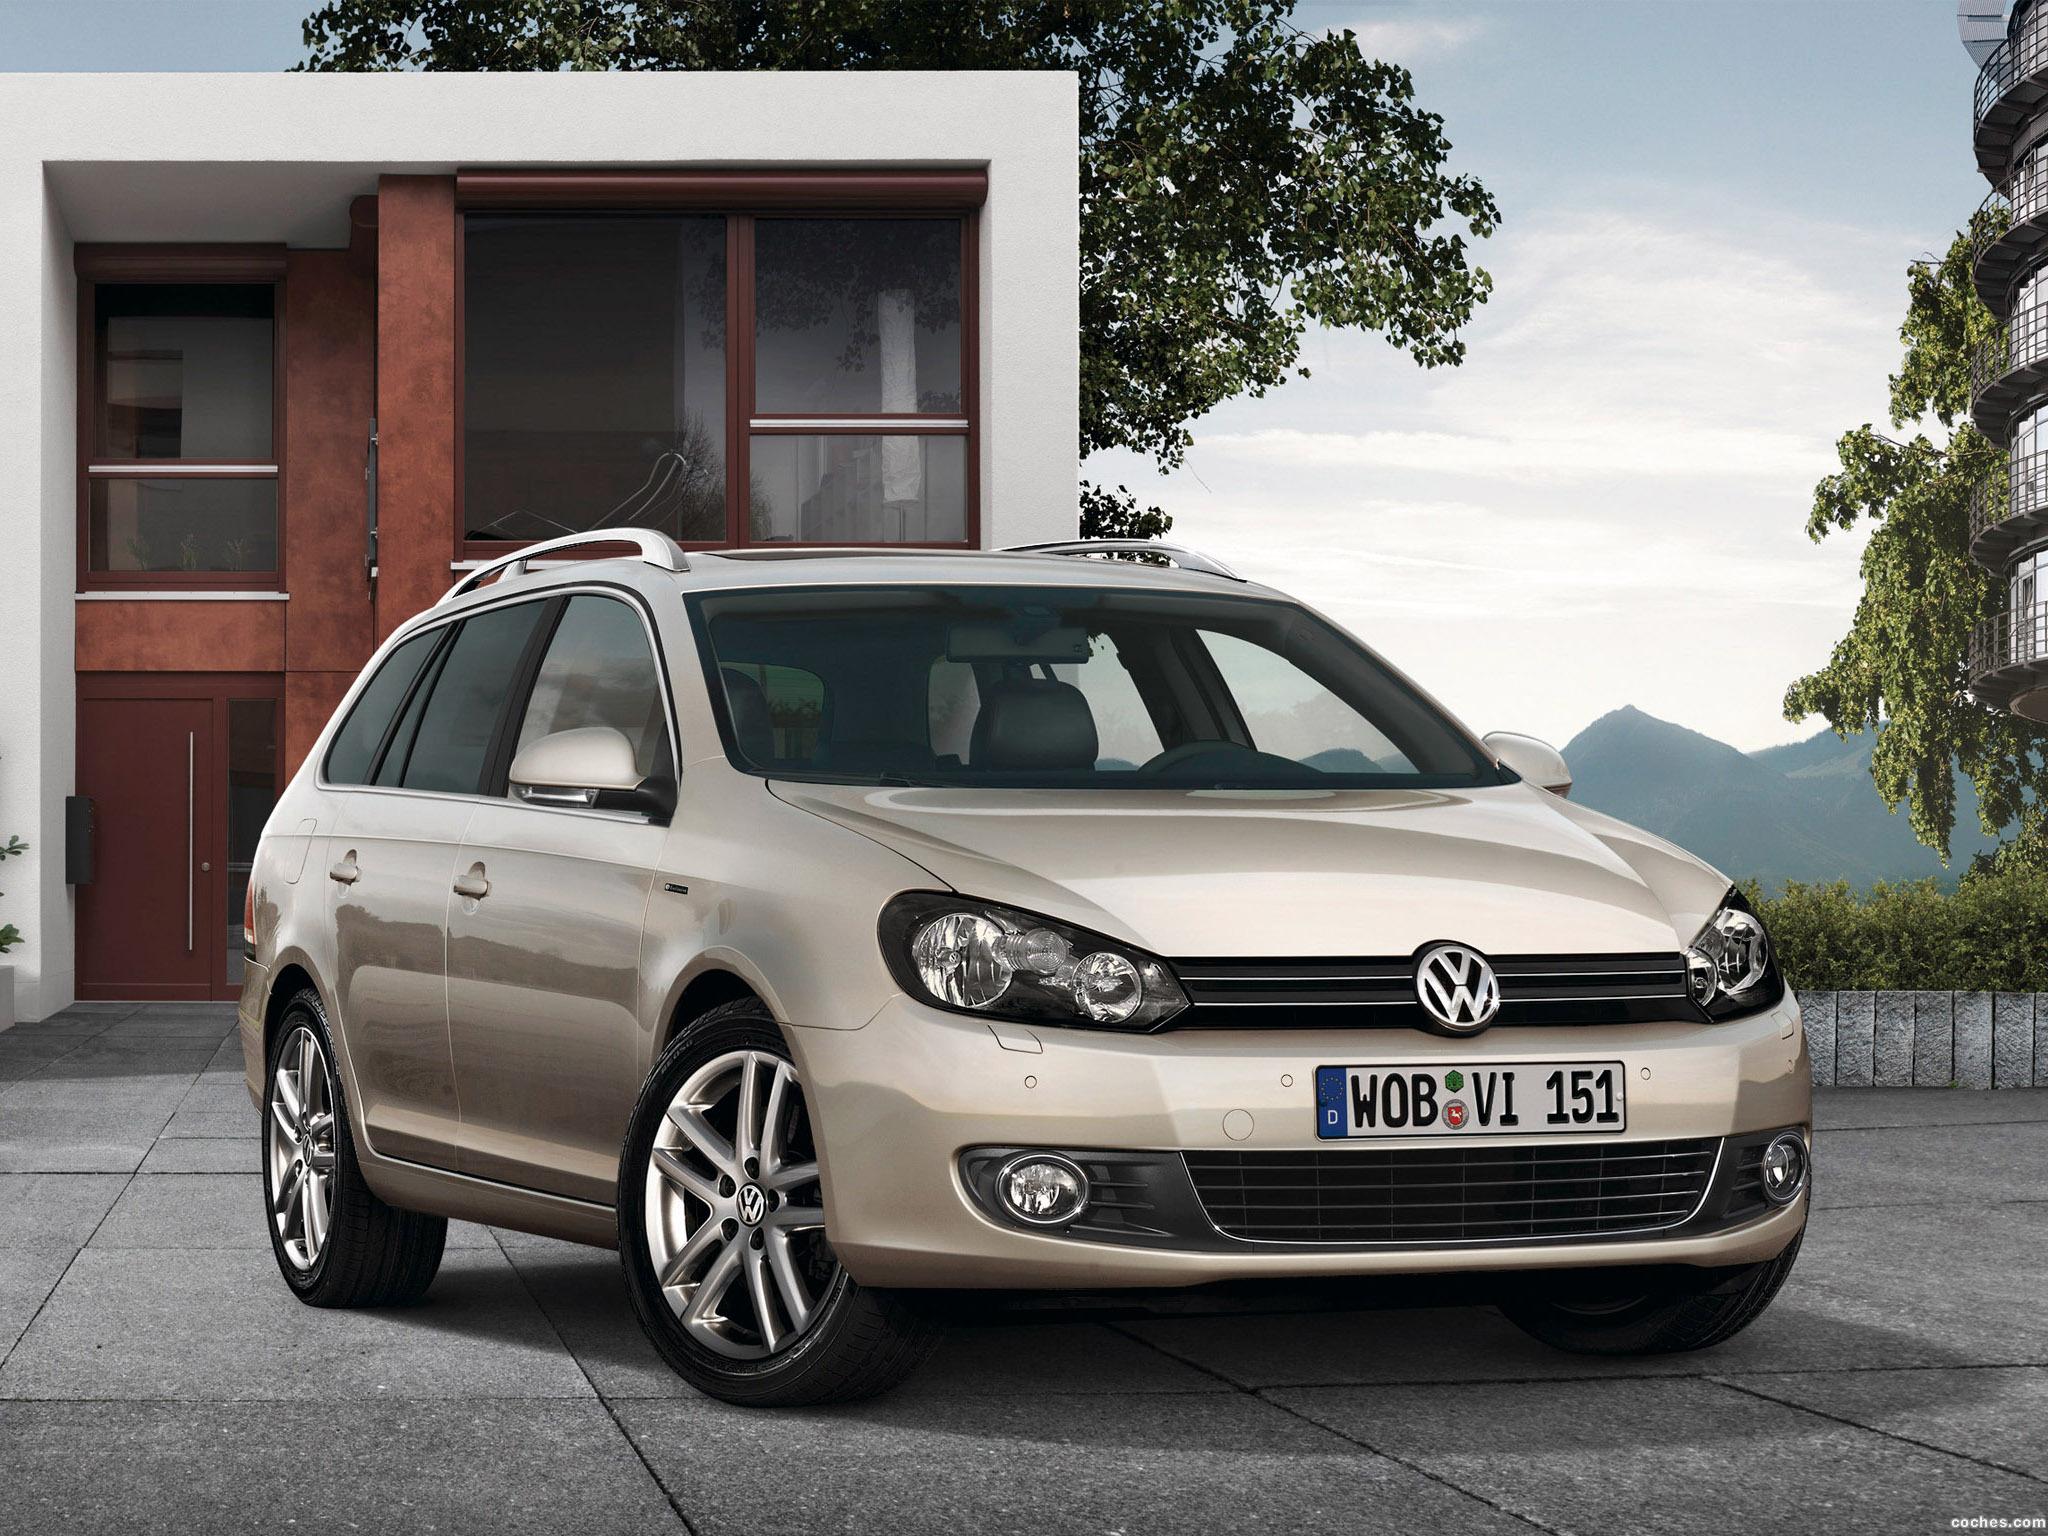 Foto 0 de Volkswagen Golf VI Variant Exclusive 2009